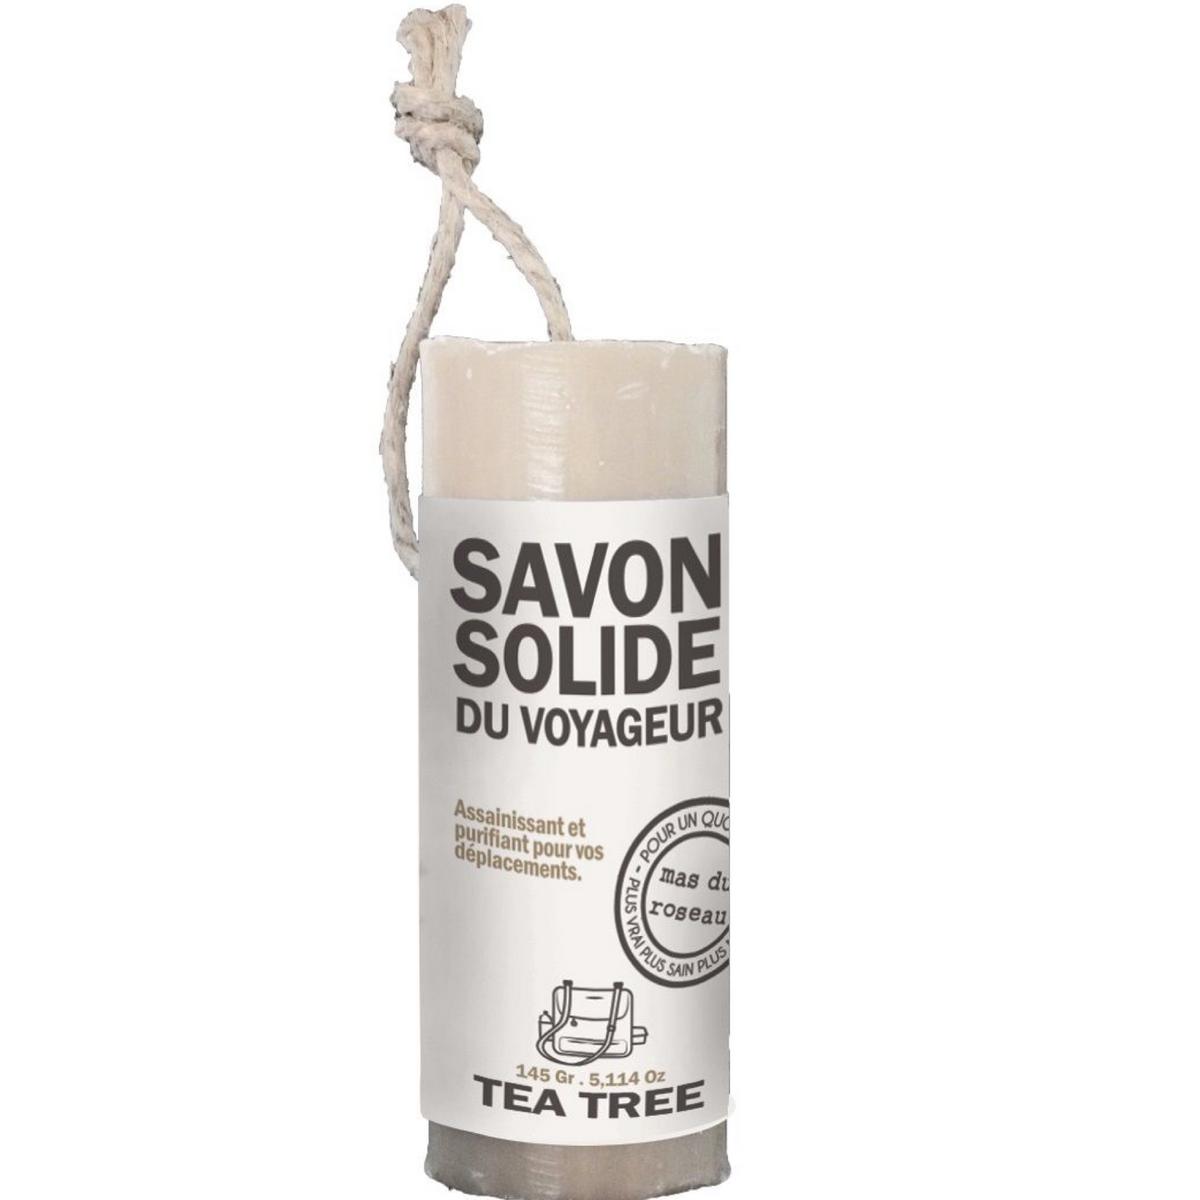 Savon au tea tree / Stick du voyageur